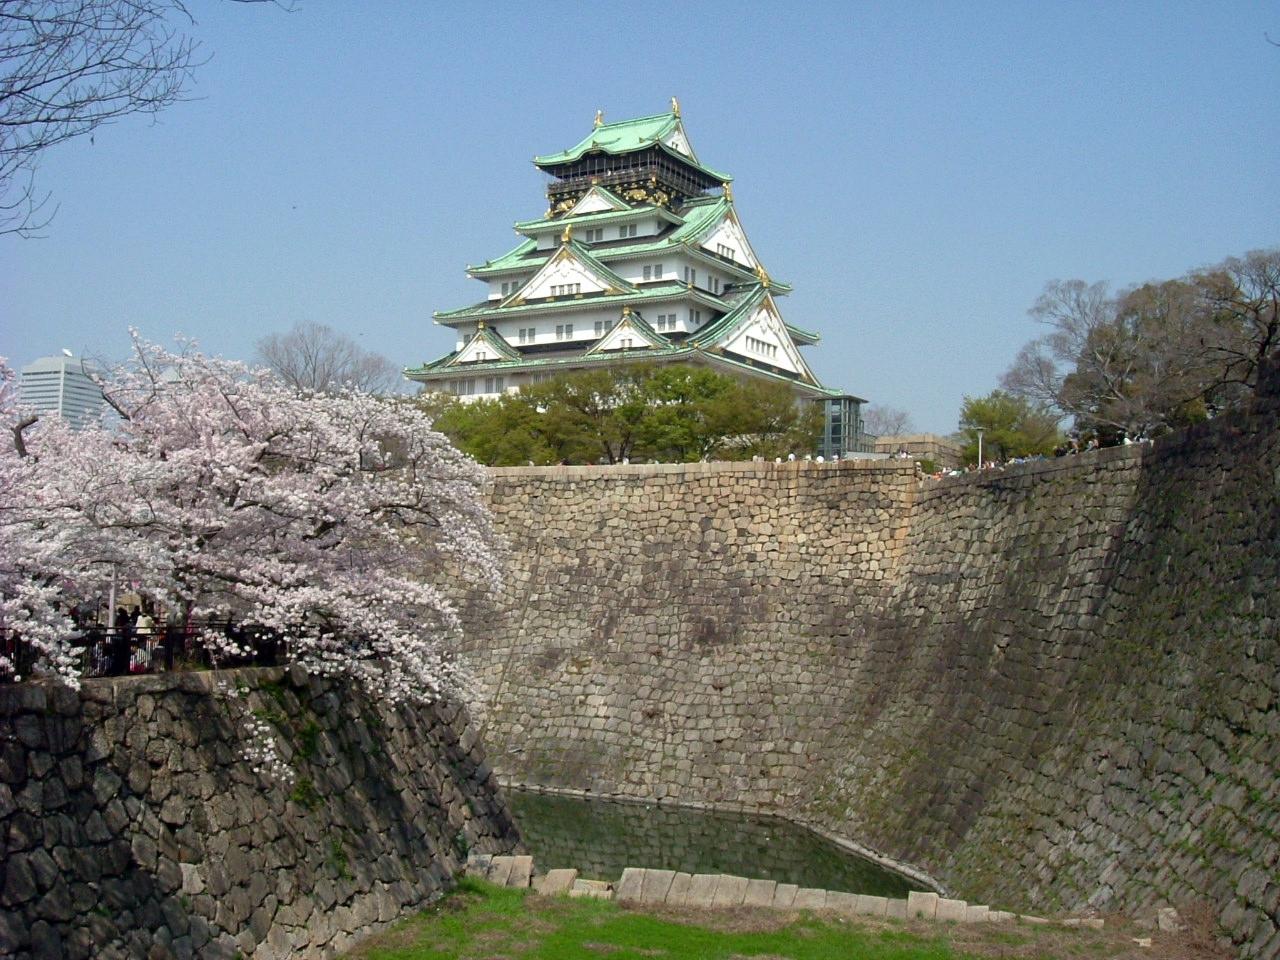 かつて、大阪は人が住むどころではなかった